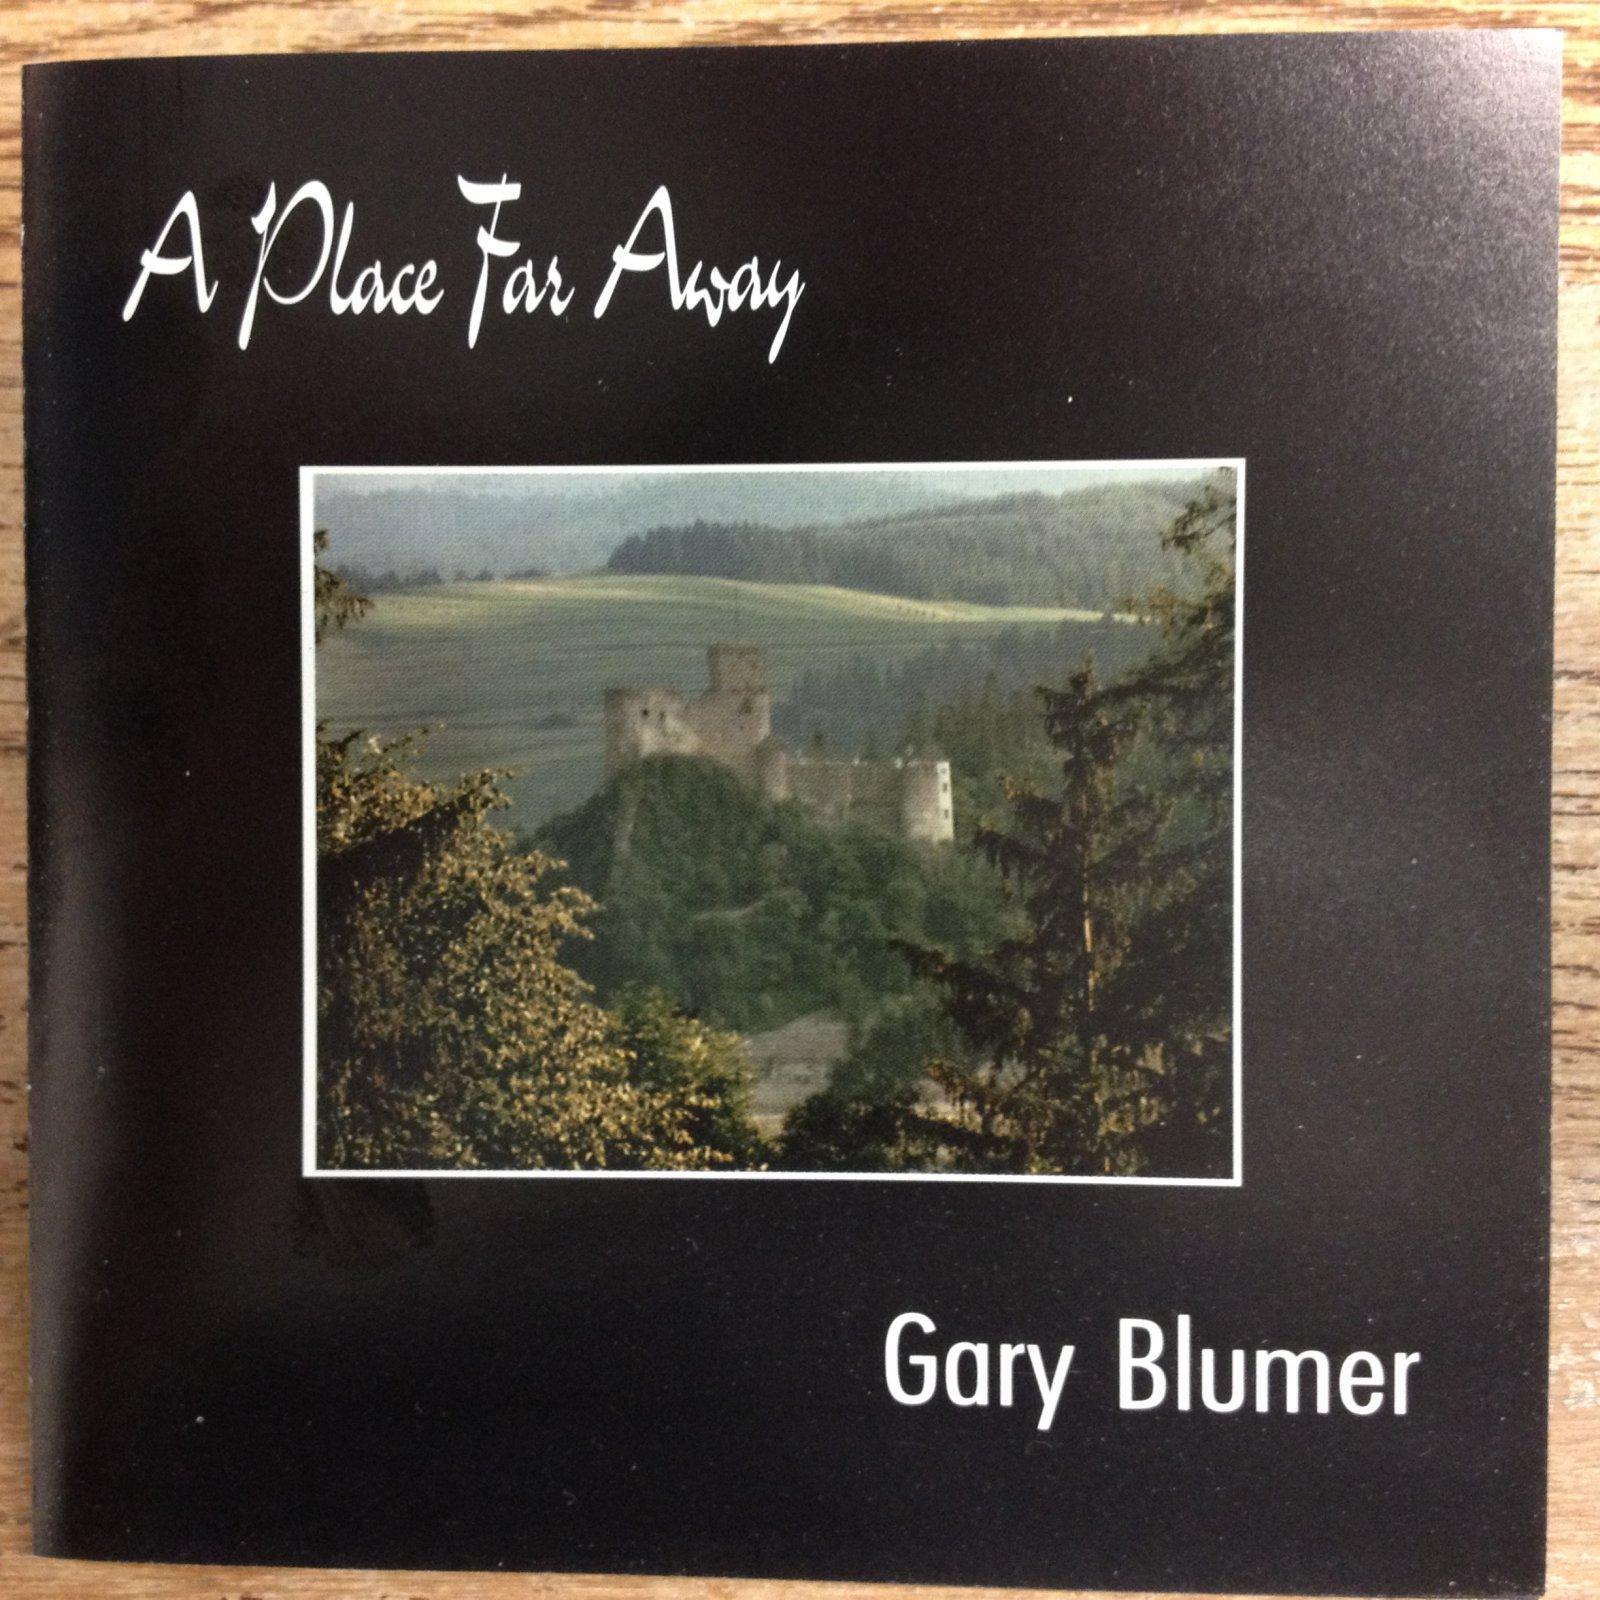 A Place Far Away by Gary Blumer